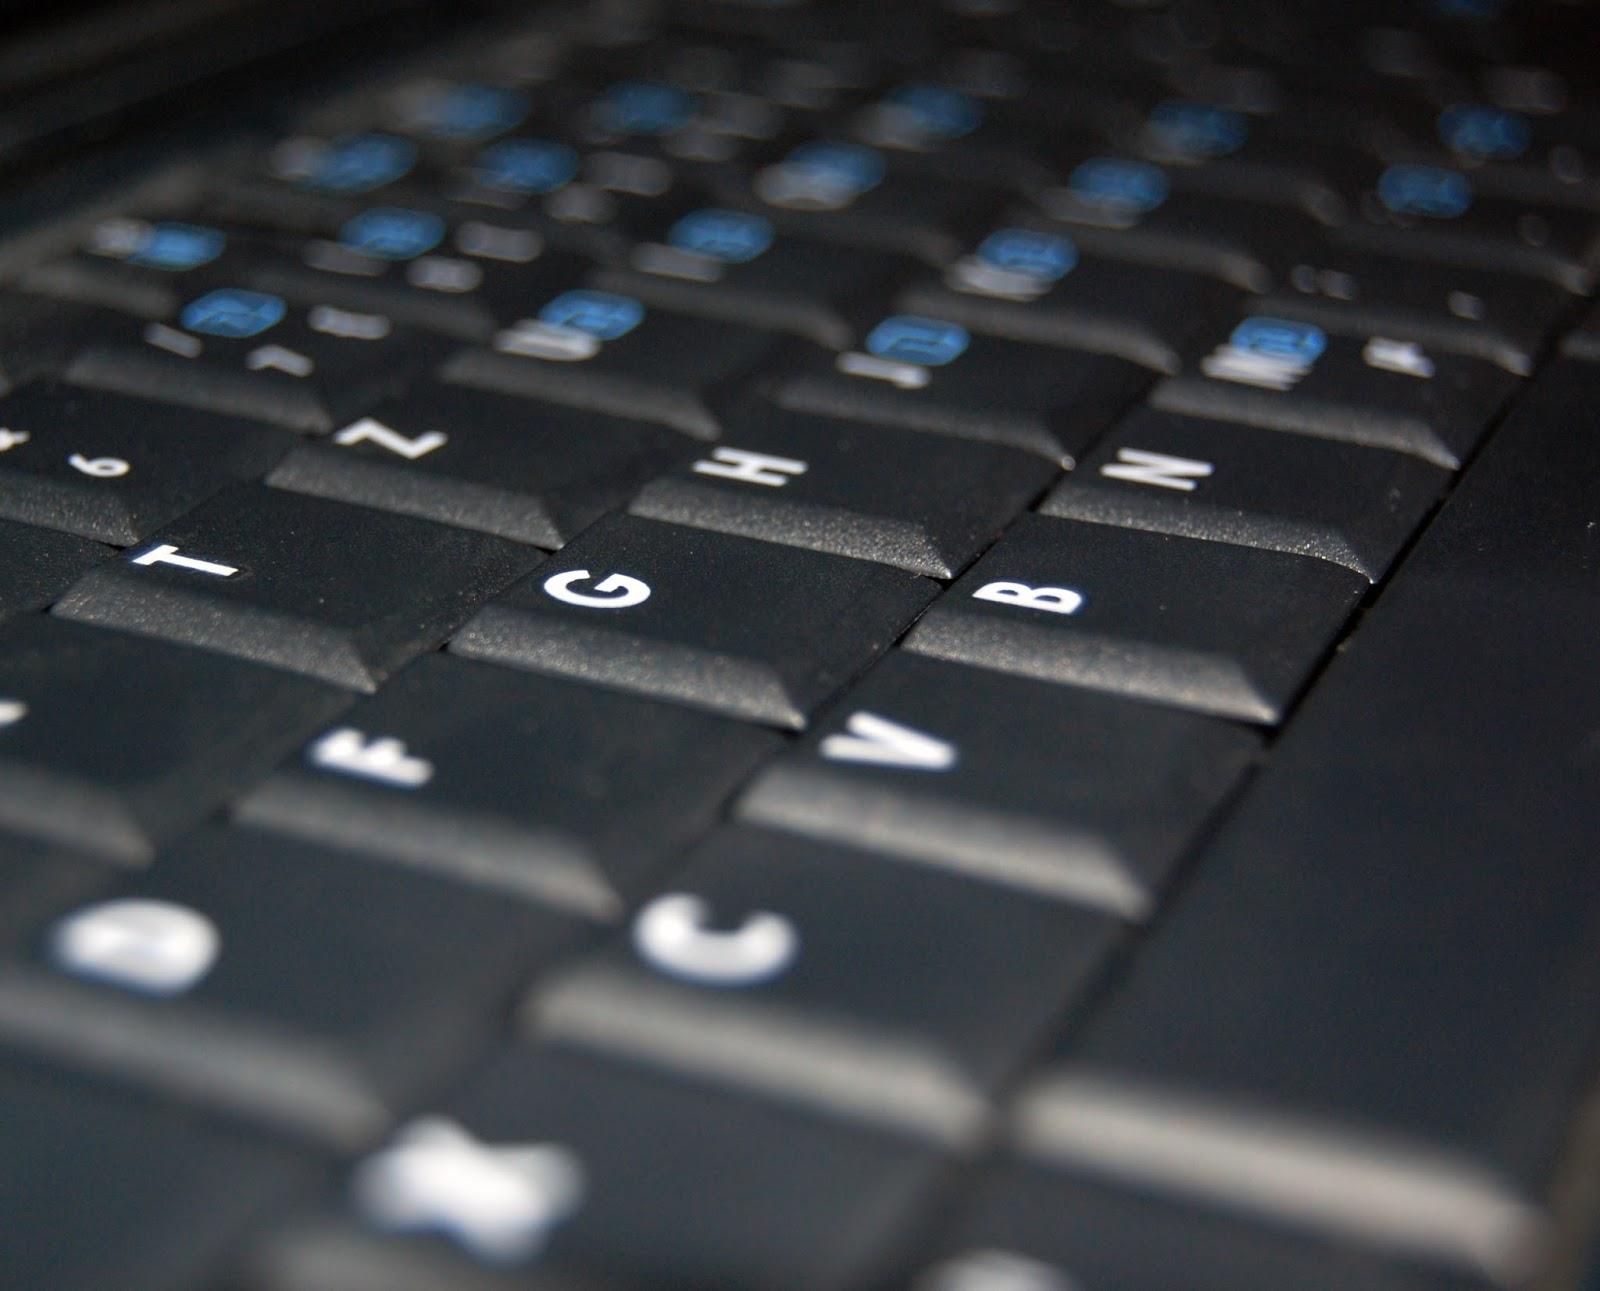 лаптоп или десктоп